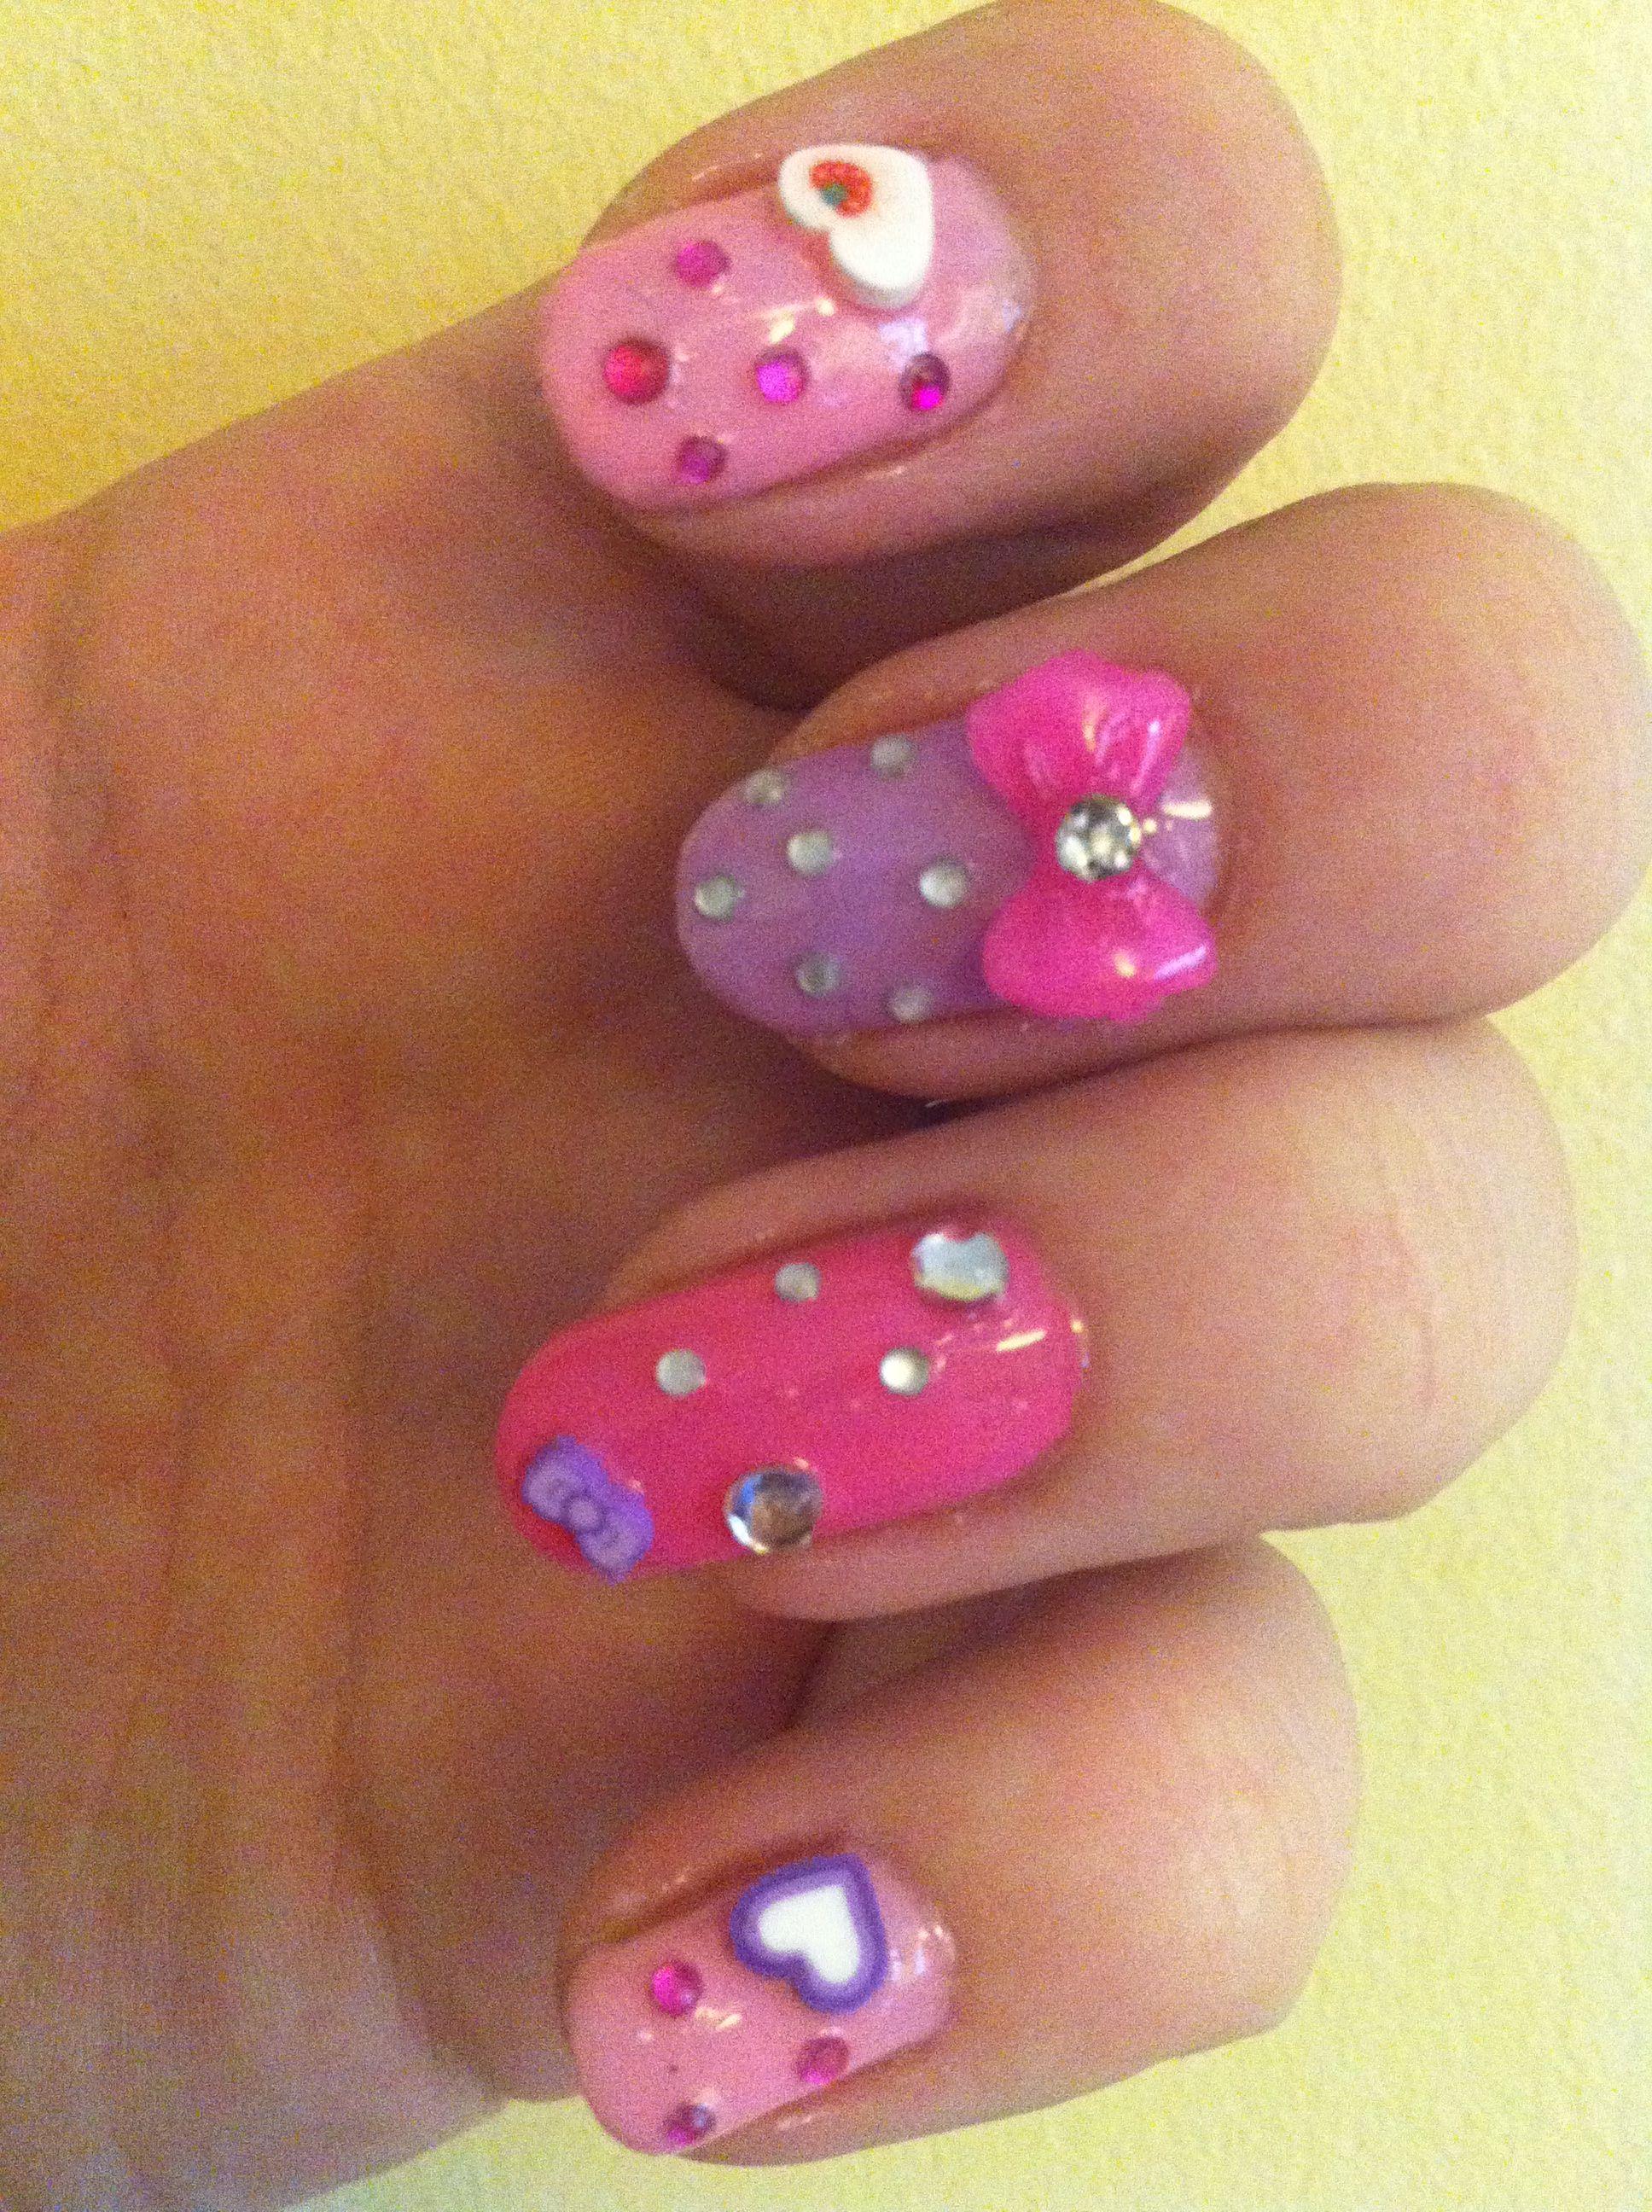 Pastel Nail Art Pretty Nails 3 Pinterest Pastel Nails And